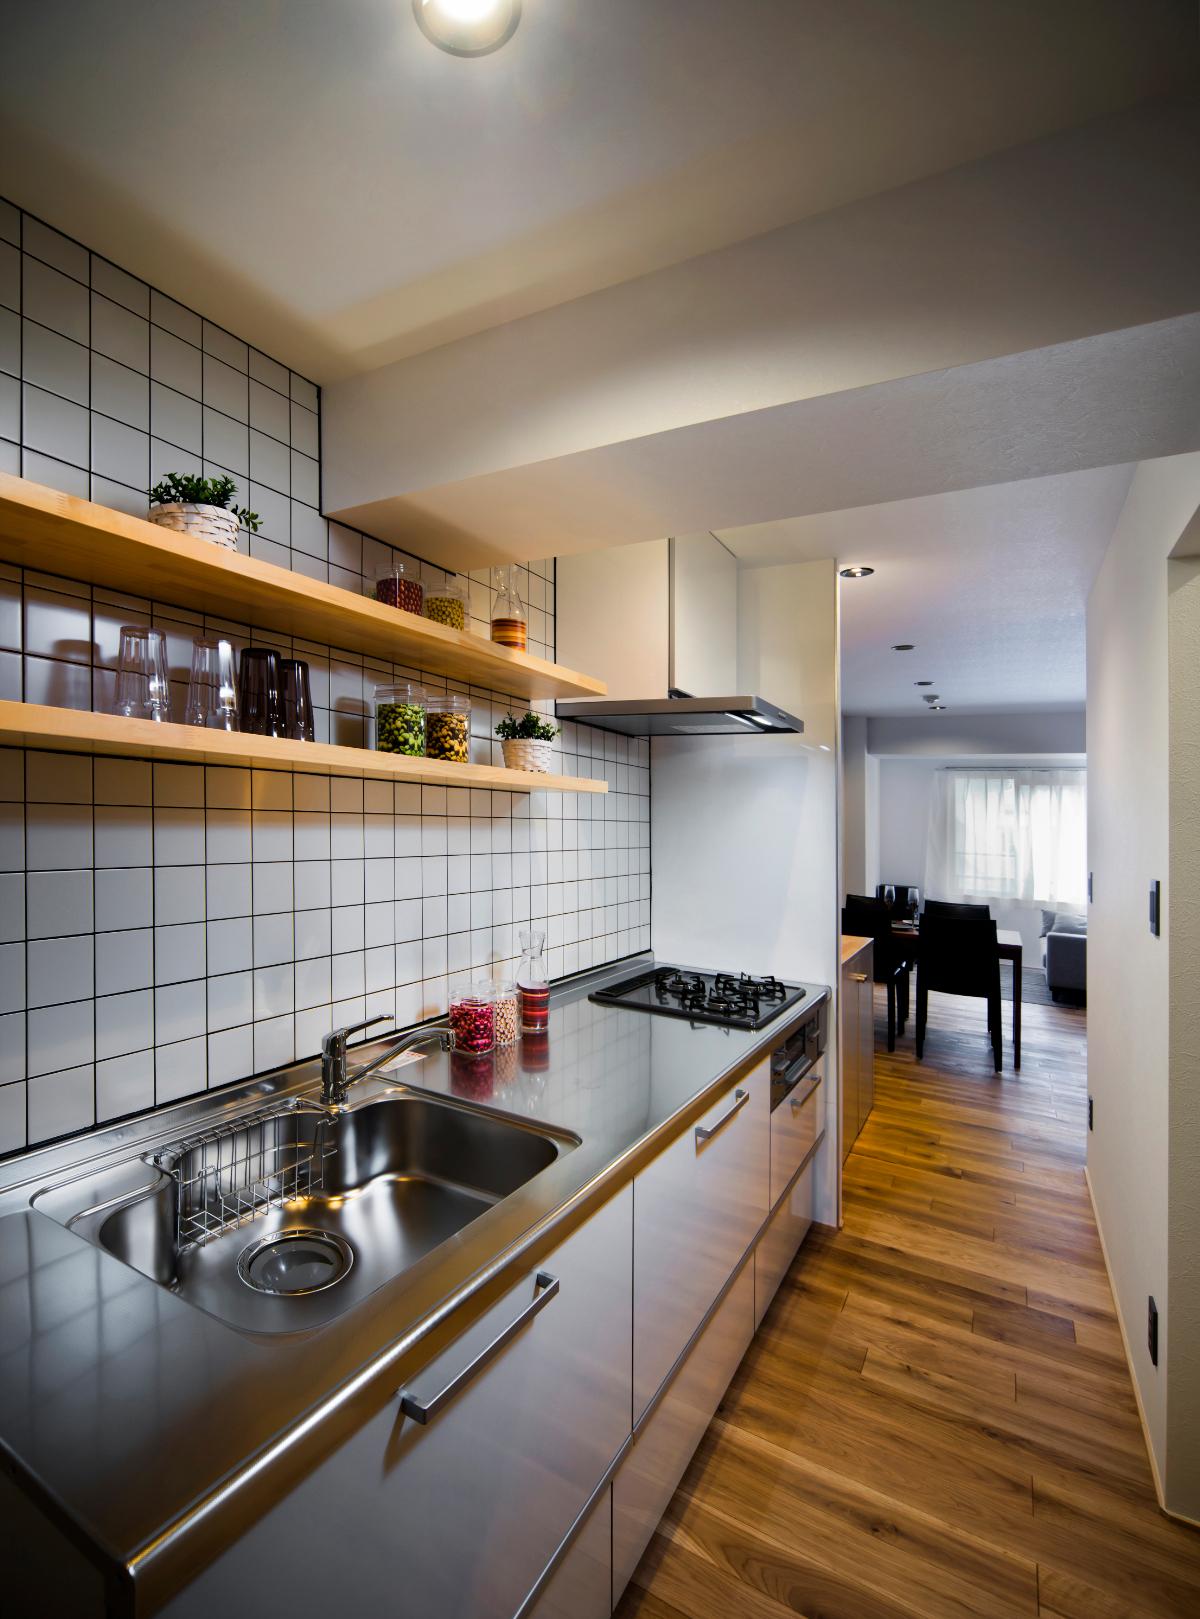 リノベーション後のキッチンスペース